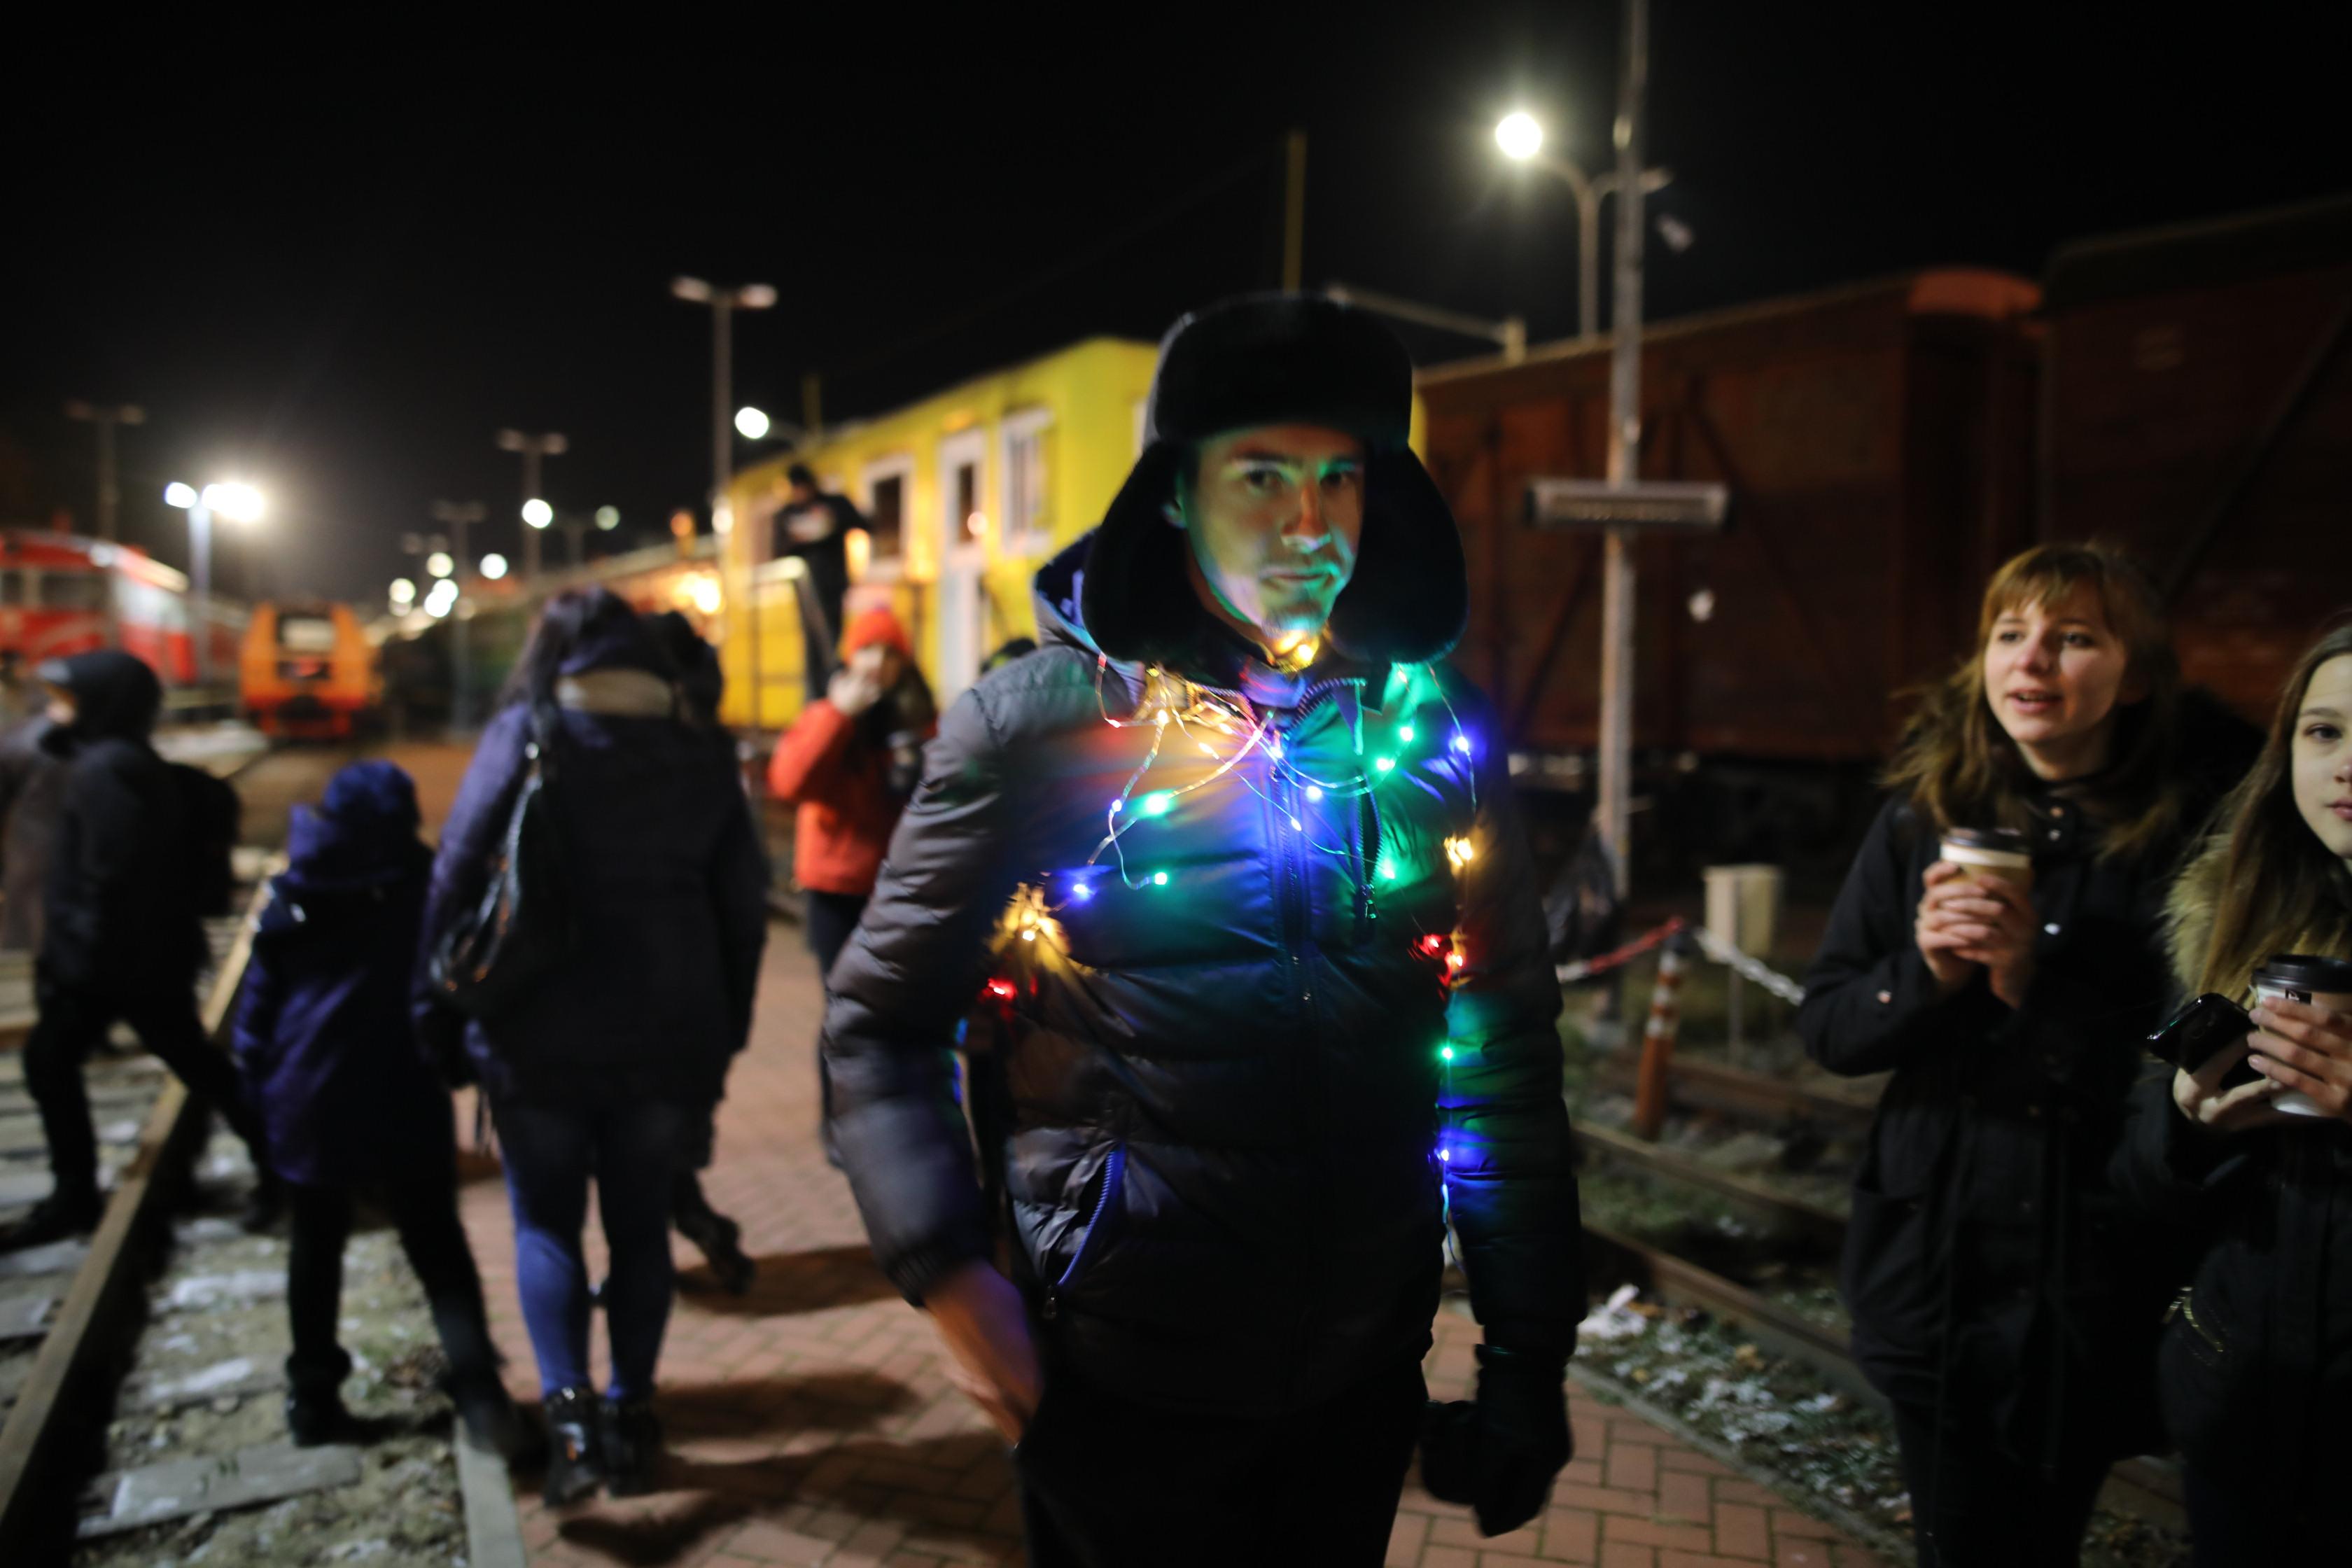 Pirmą kartą Vilniuje – alternatyvus kalėdinis miestelis Stoties rajone